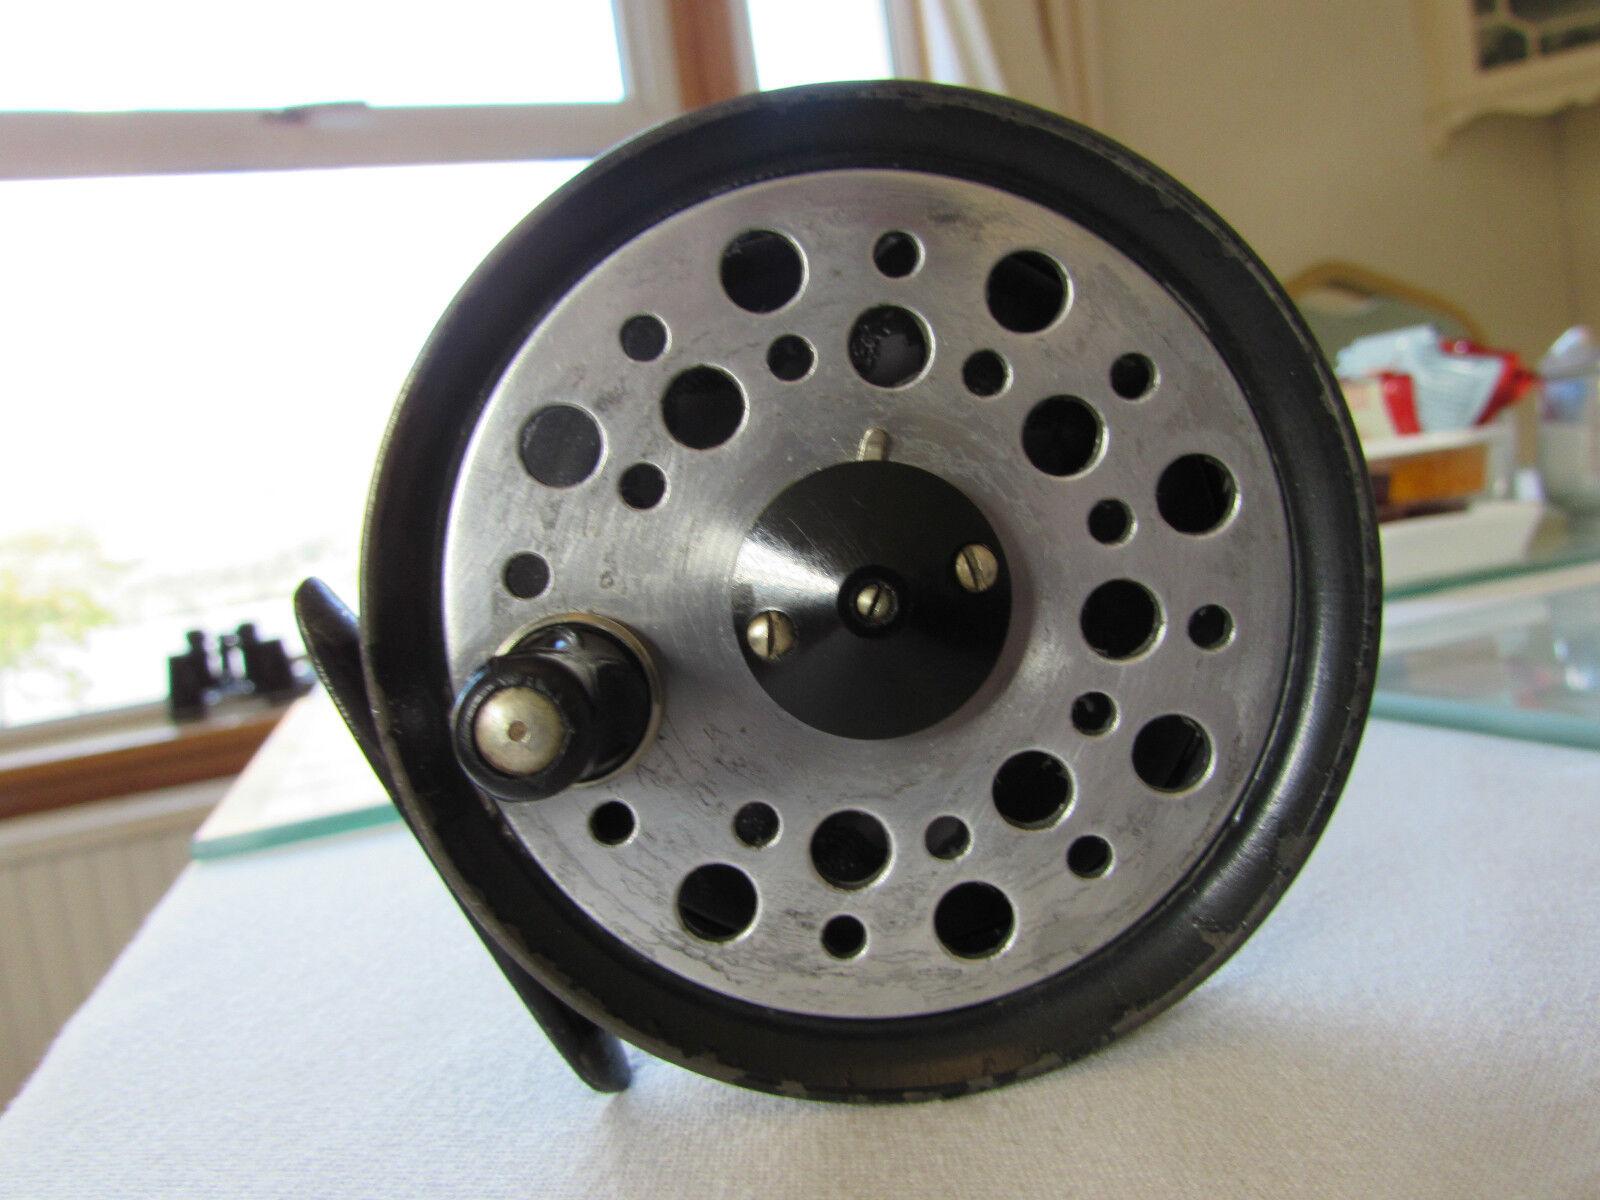 V buen Vintage Youngs temprano beaudex Trucha Pesca Con Mosca Cocherete 3.5  + lineguard. .